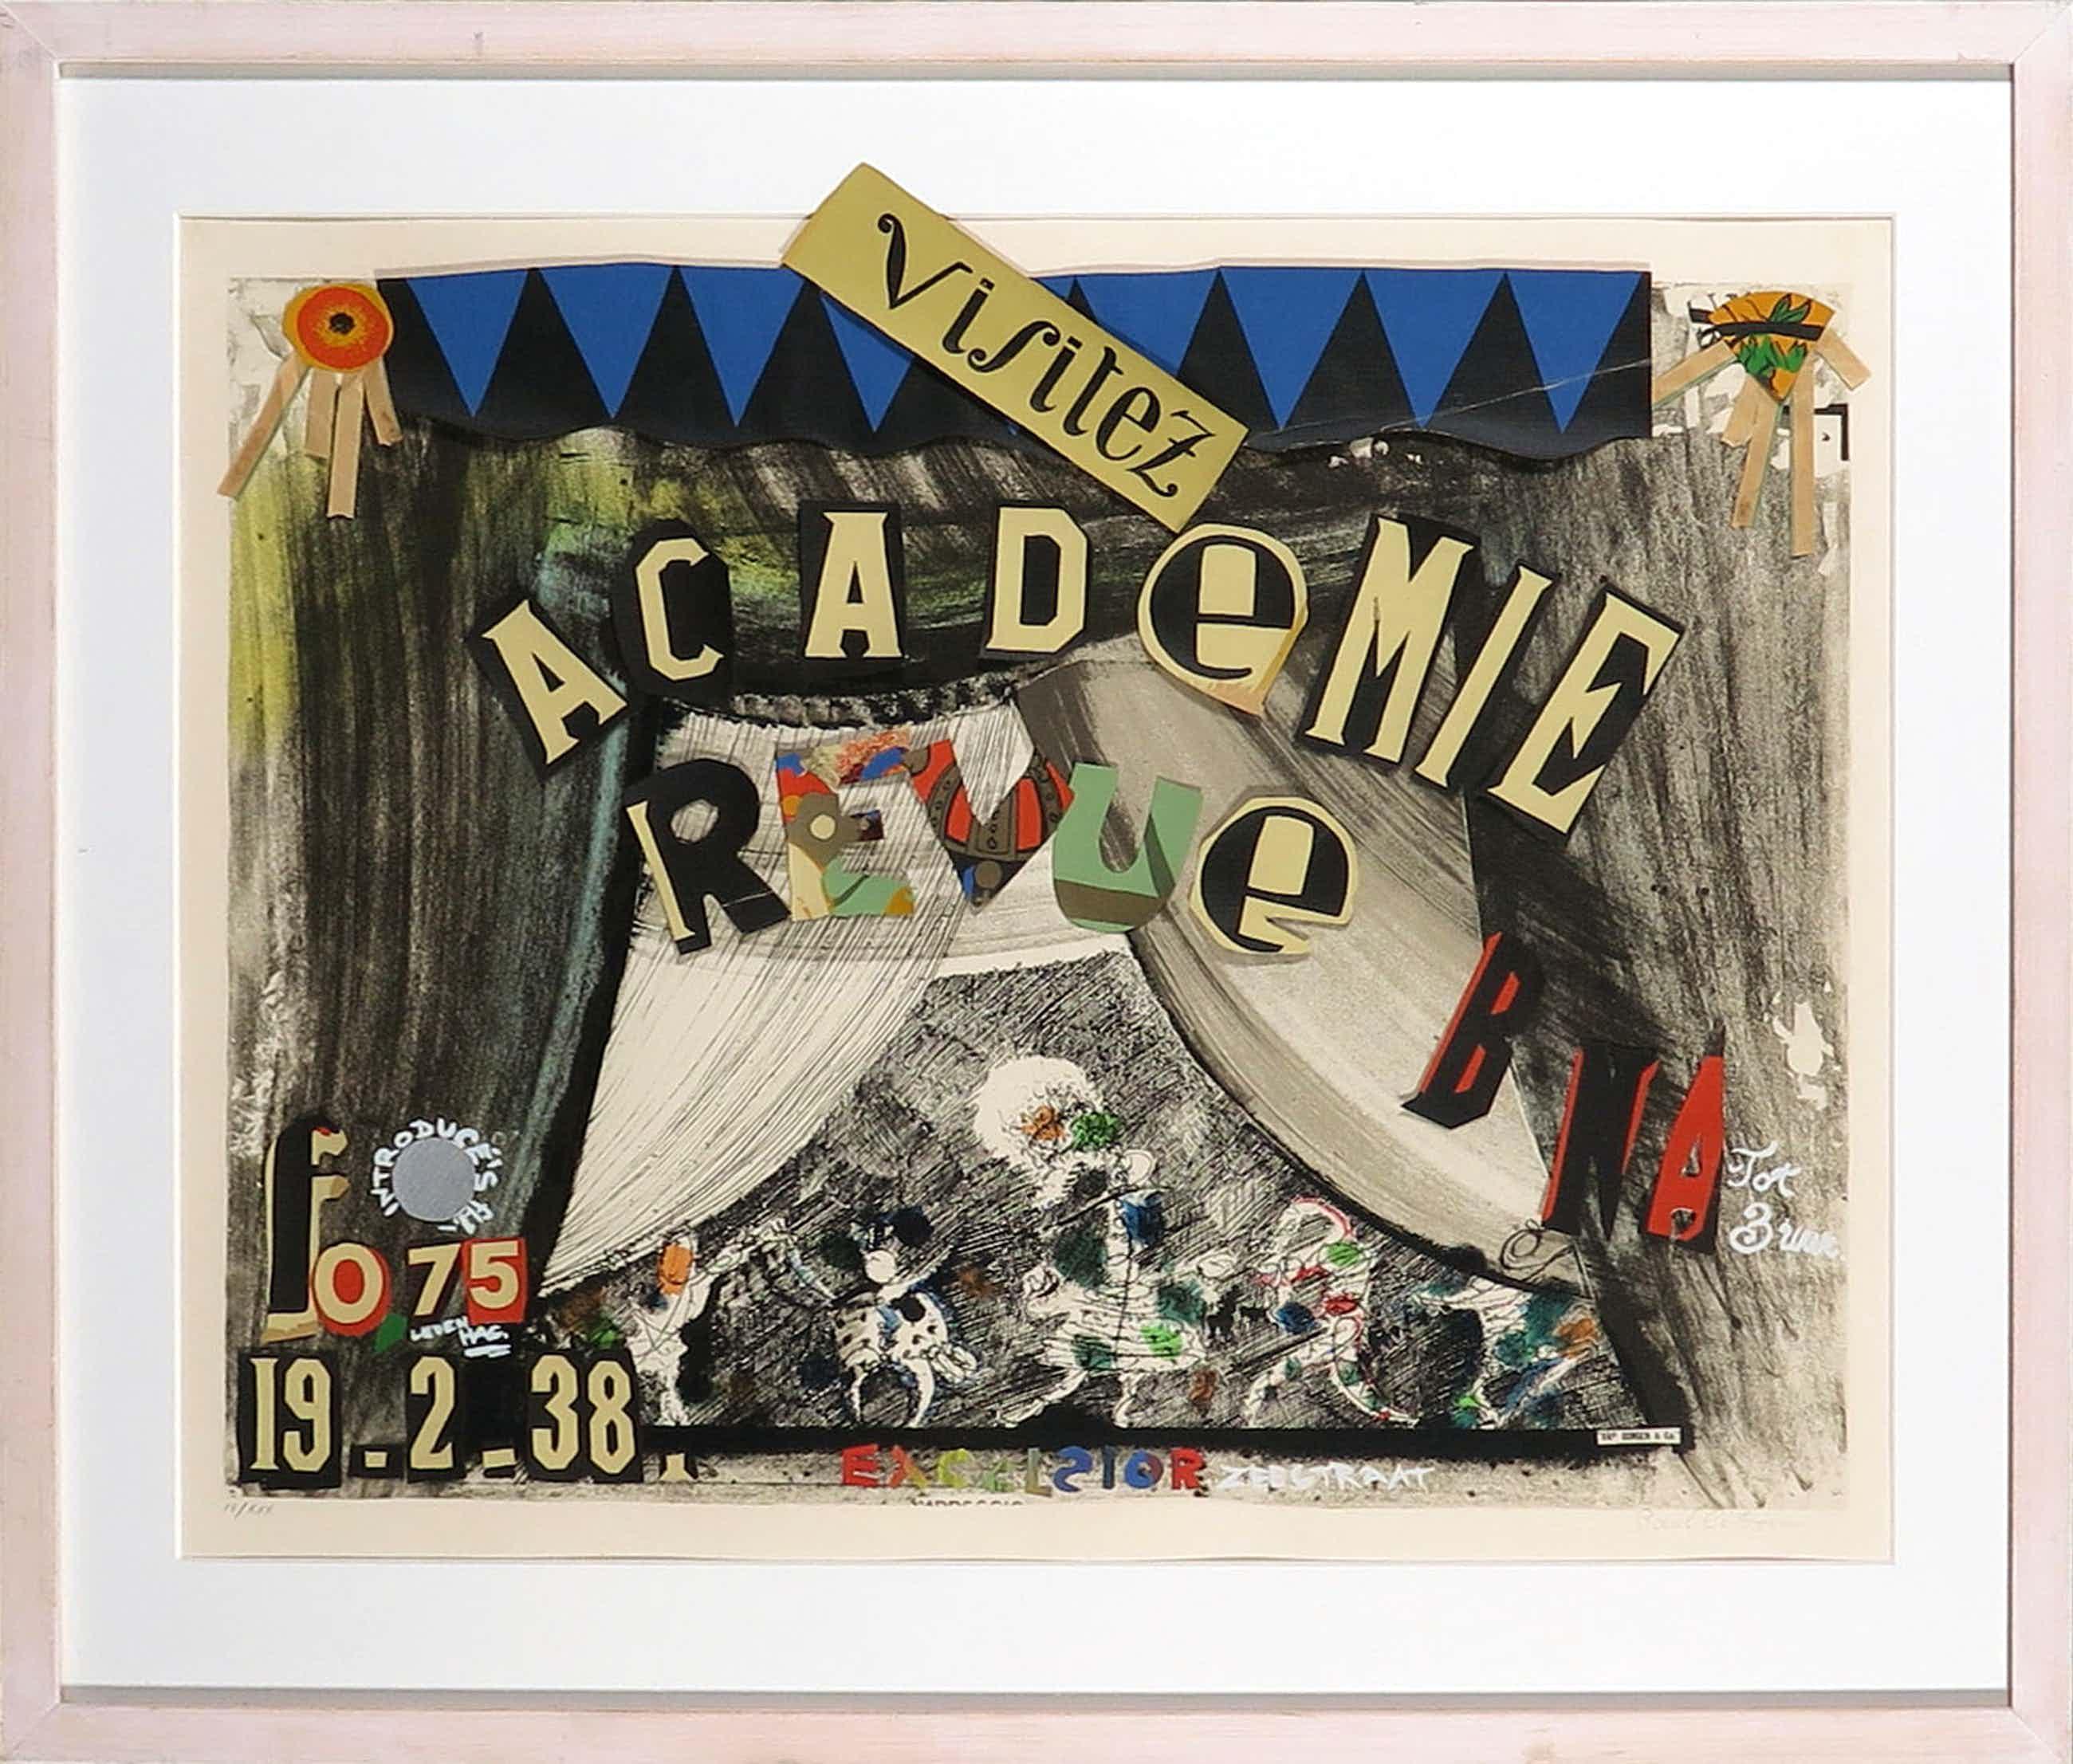 Paul Citroen - Litho en collage, Academie Revue - Ingelijst kopen? Bied vanaf 100!